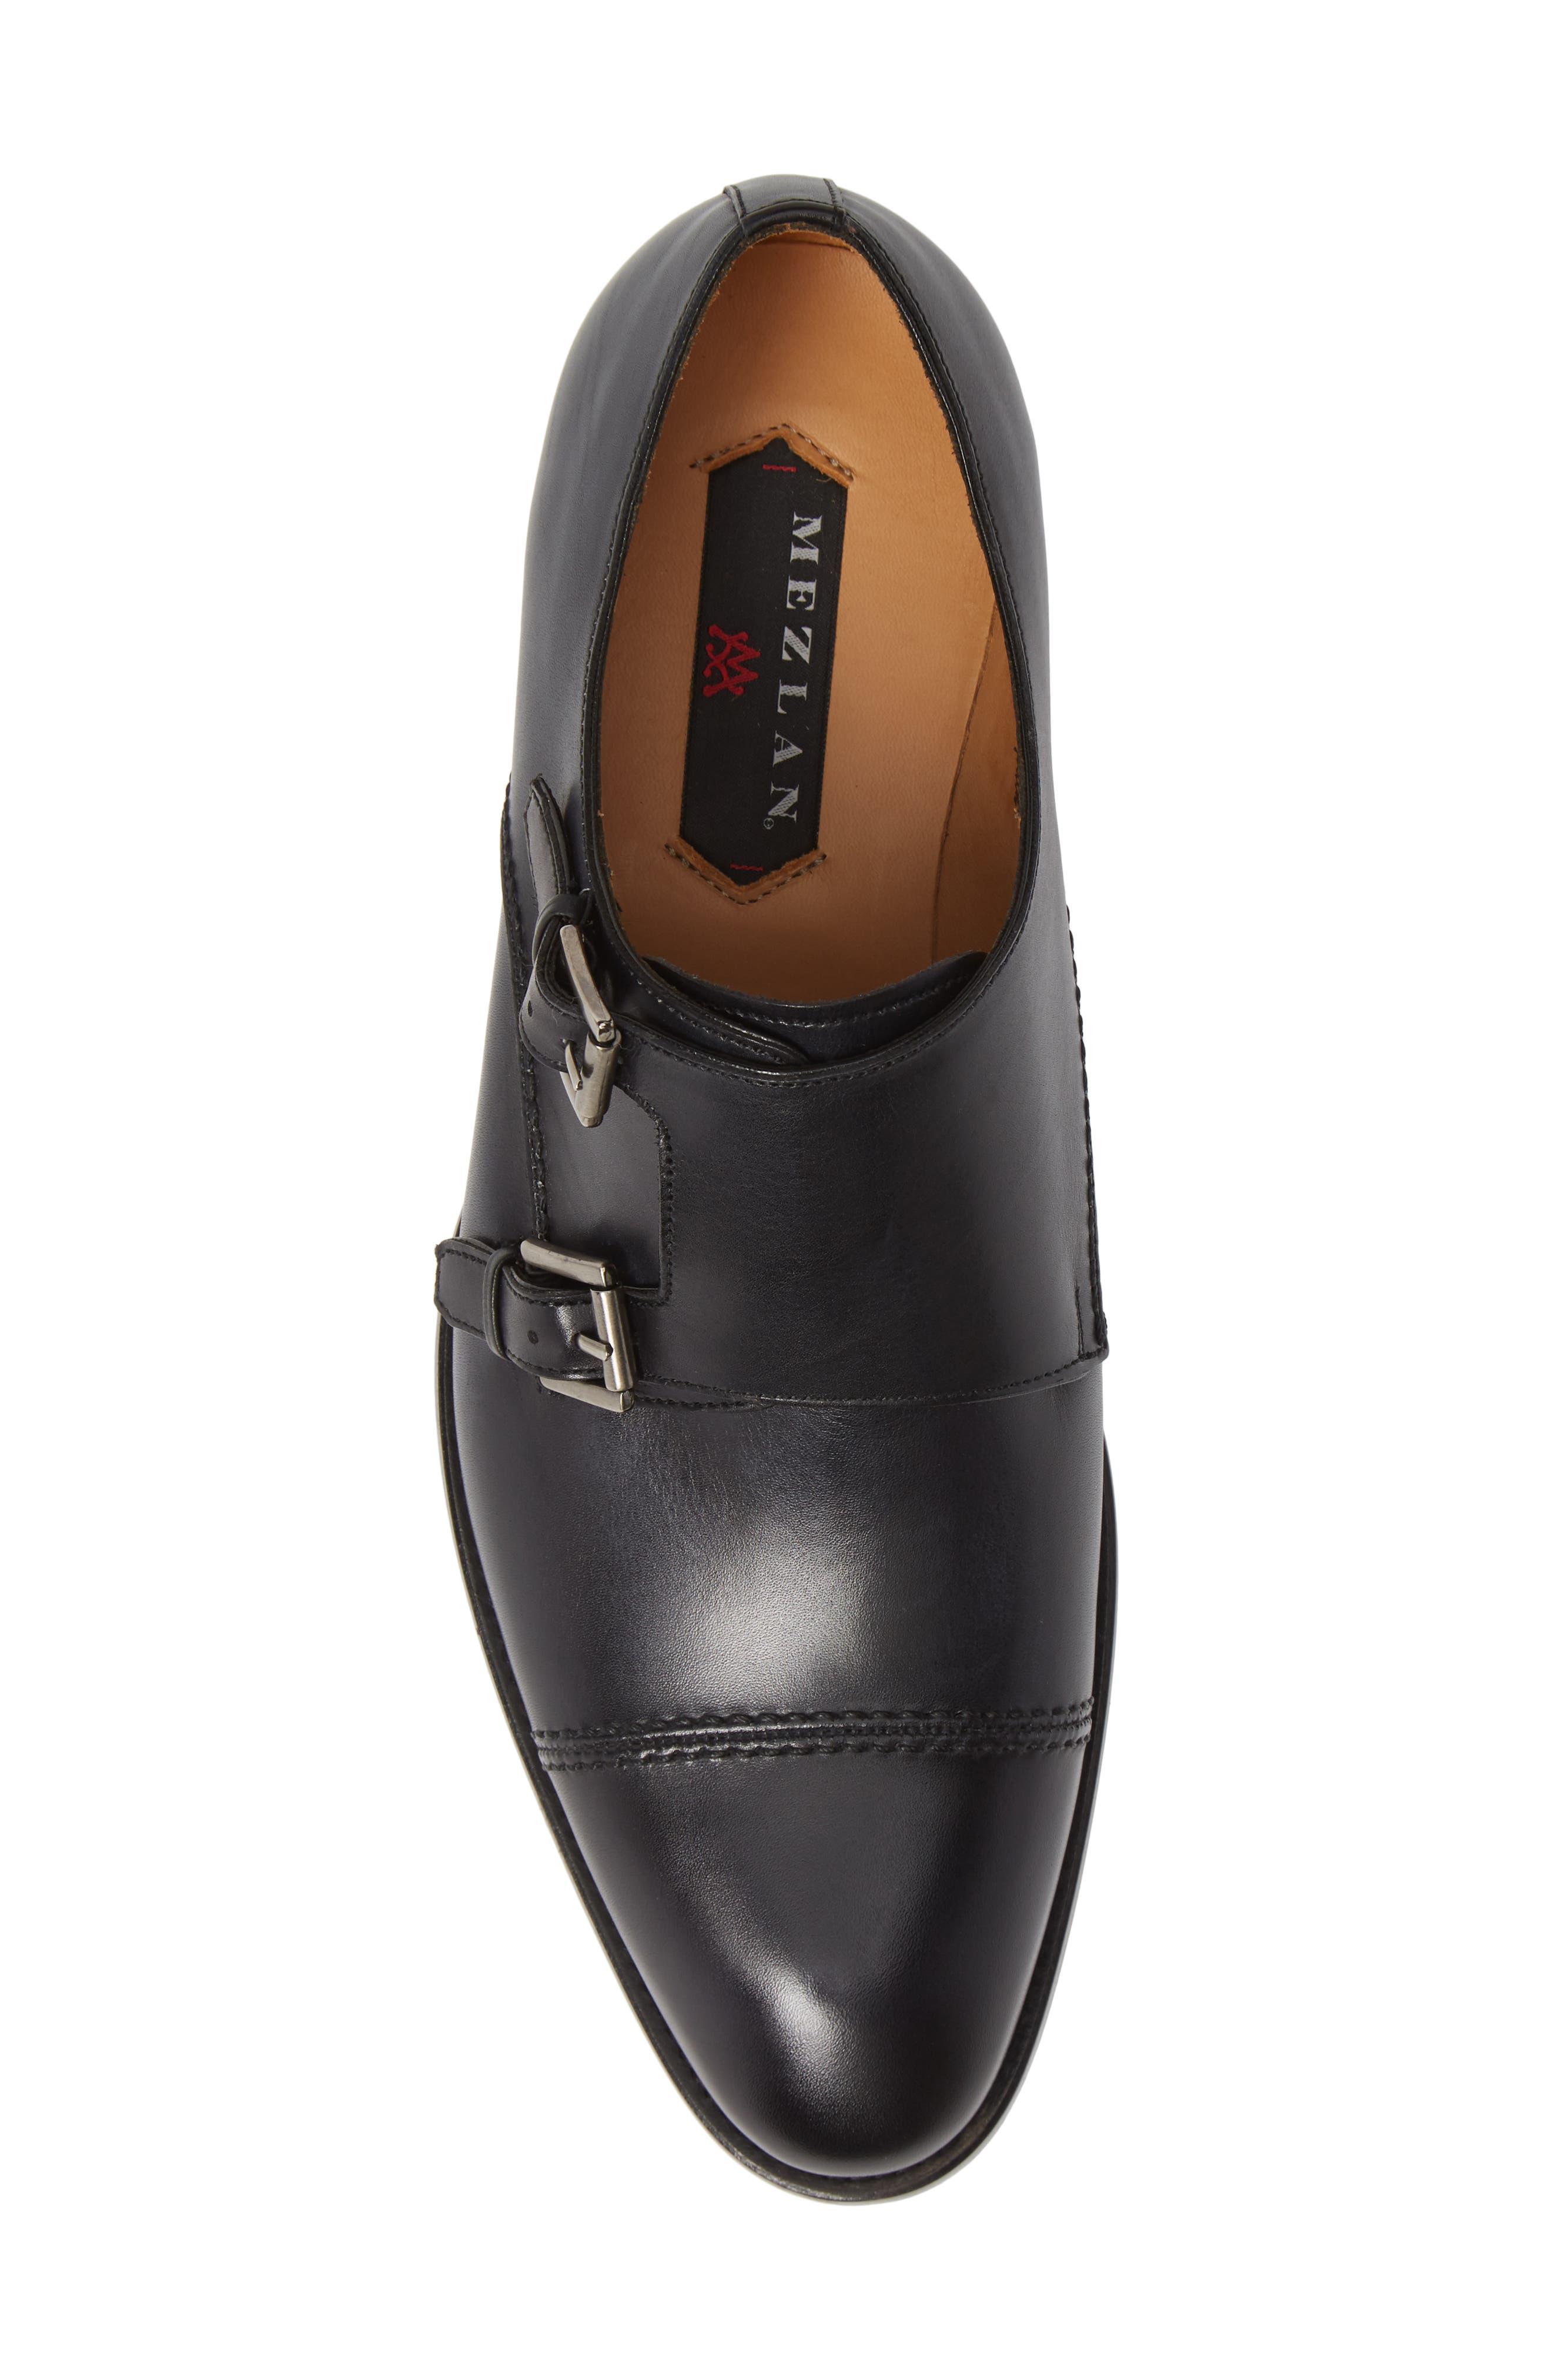 Acosta Double Strap Cap Toe Monk Shoe,                             Alternate thumbnail 5, color,                             BLACK LEATHER